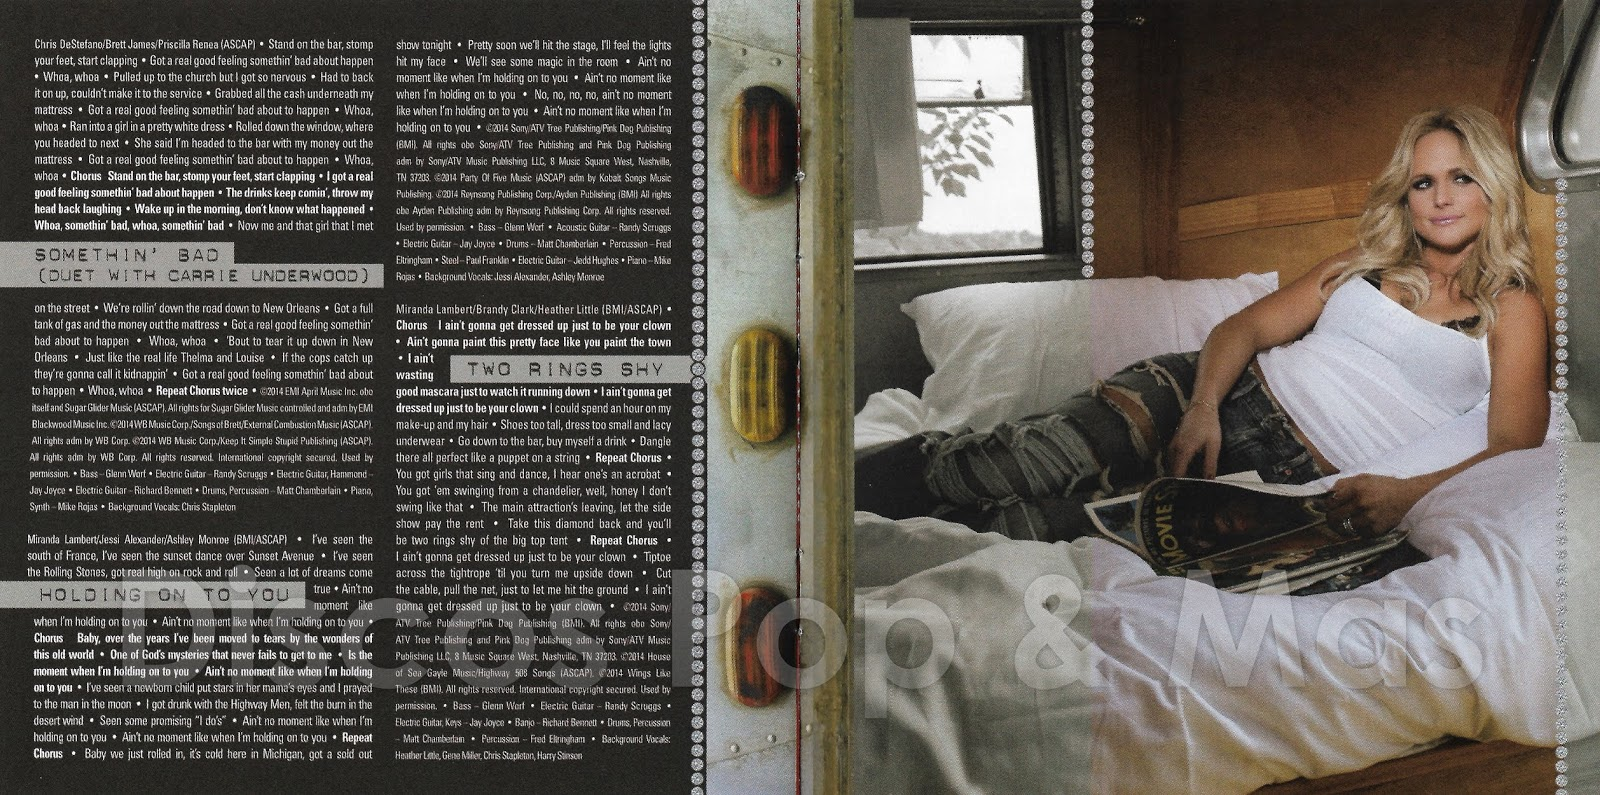 Discos Pop & Mas: Miranda Lambert - Platinum